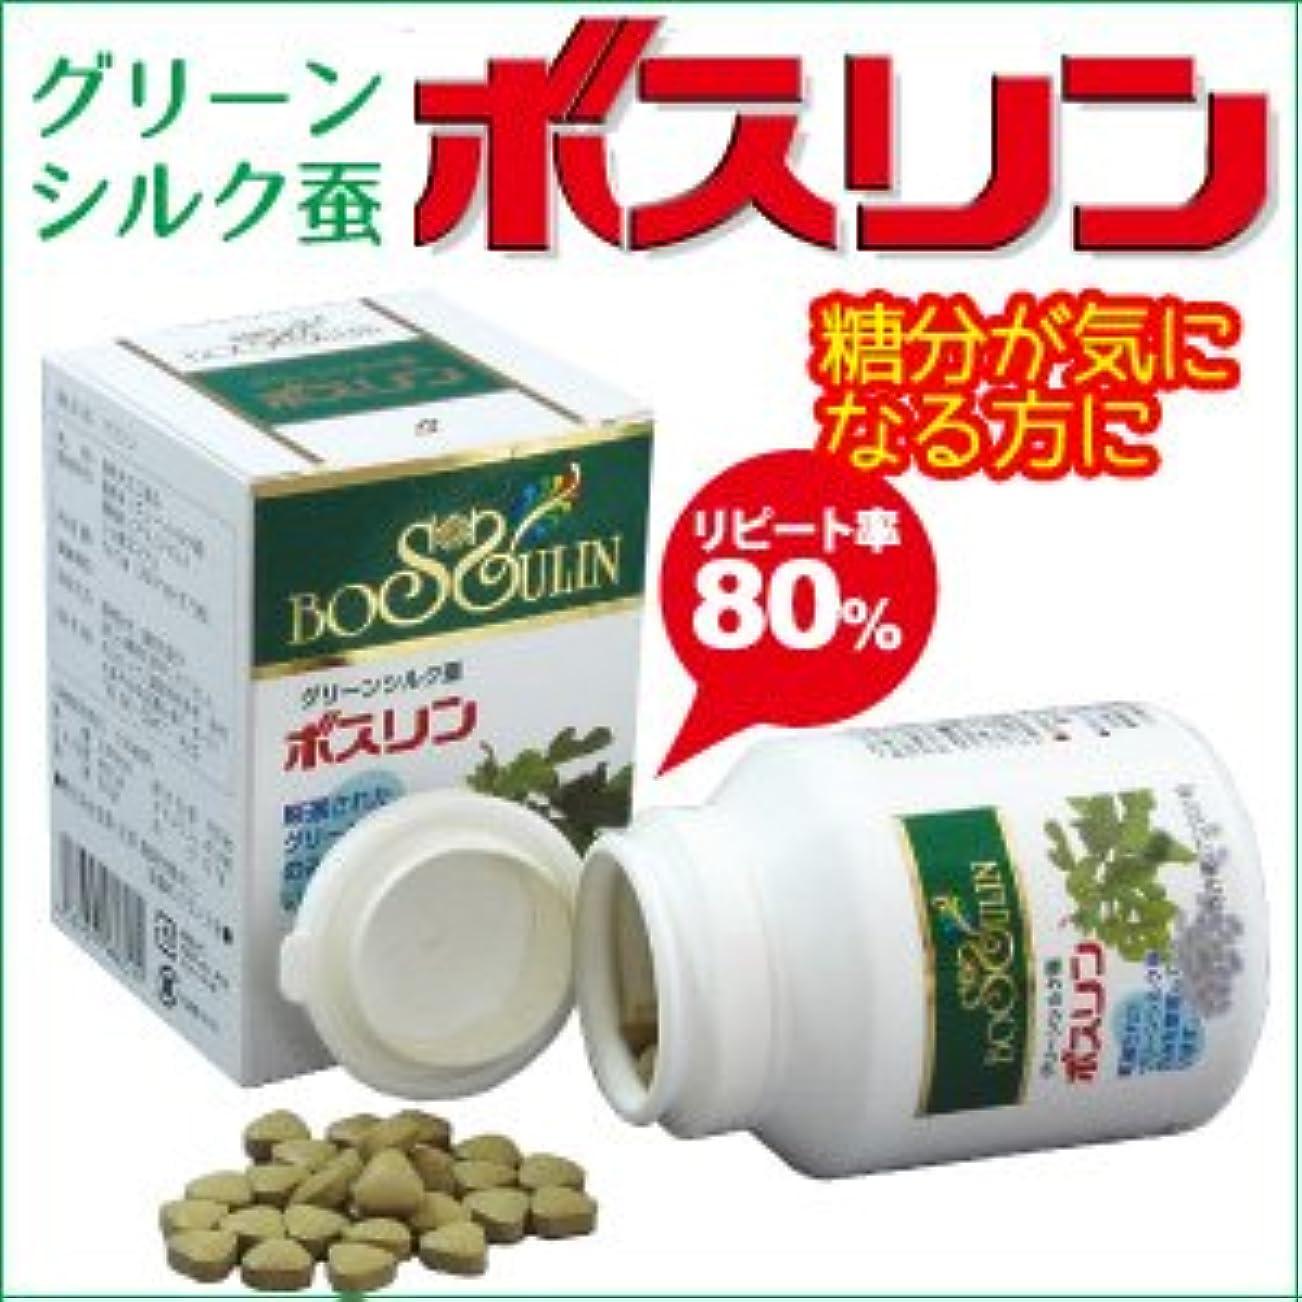 履歴書香り統治するボスリン 桑の葉を主食とする厳選された蚕を使用したグリーンシルク蚕(蚕粉末)を配合!